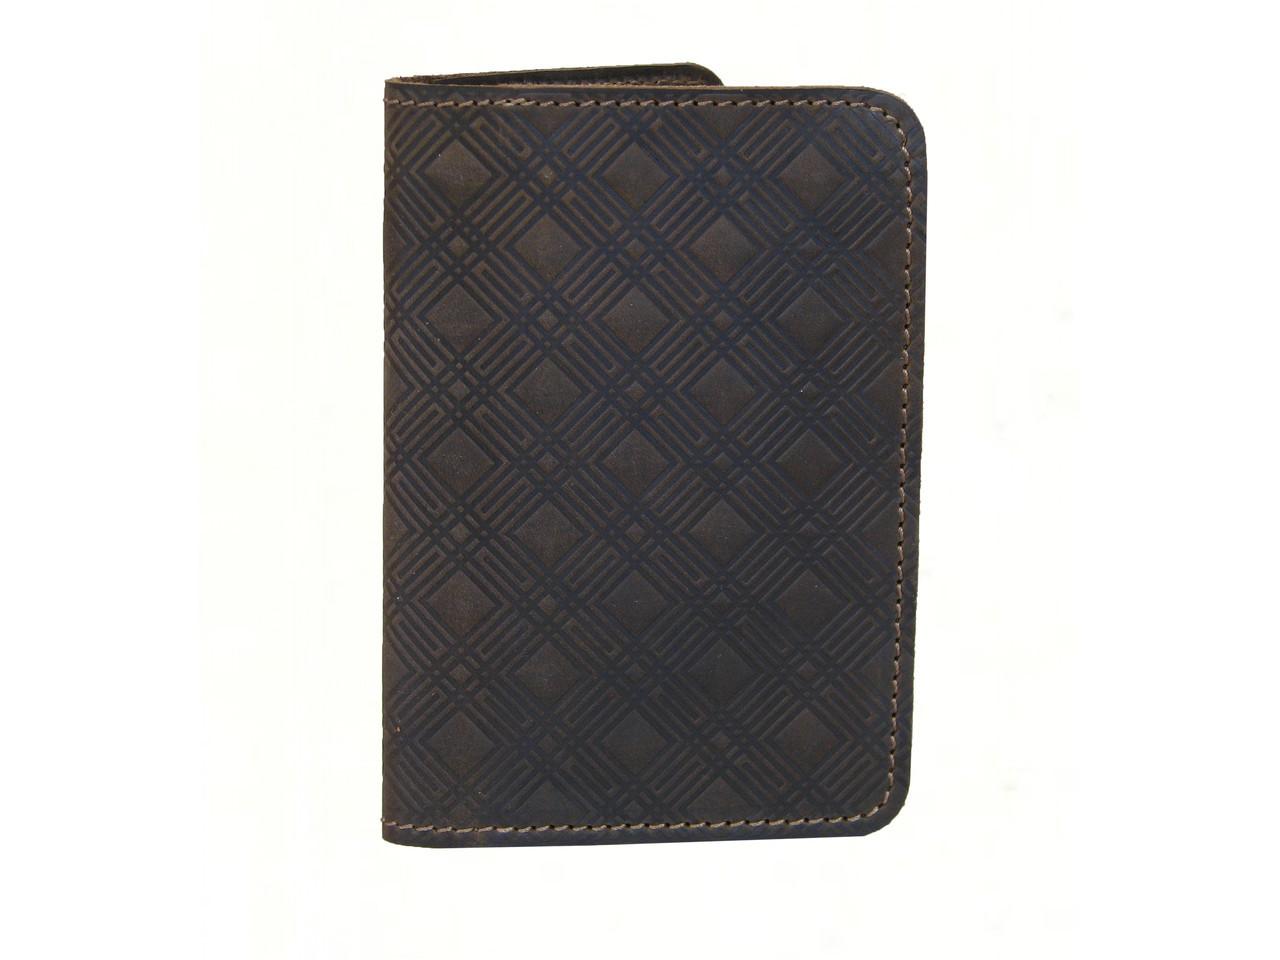 Обложка для паспорта с тиснением GS кожаная коричневая